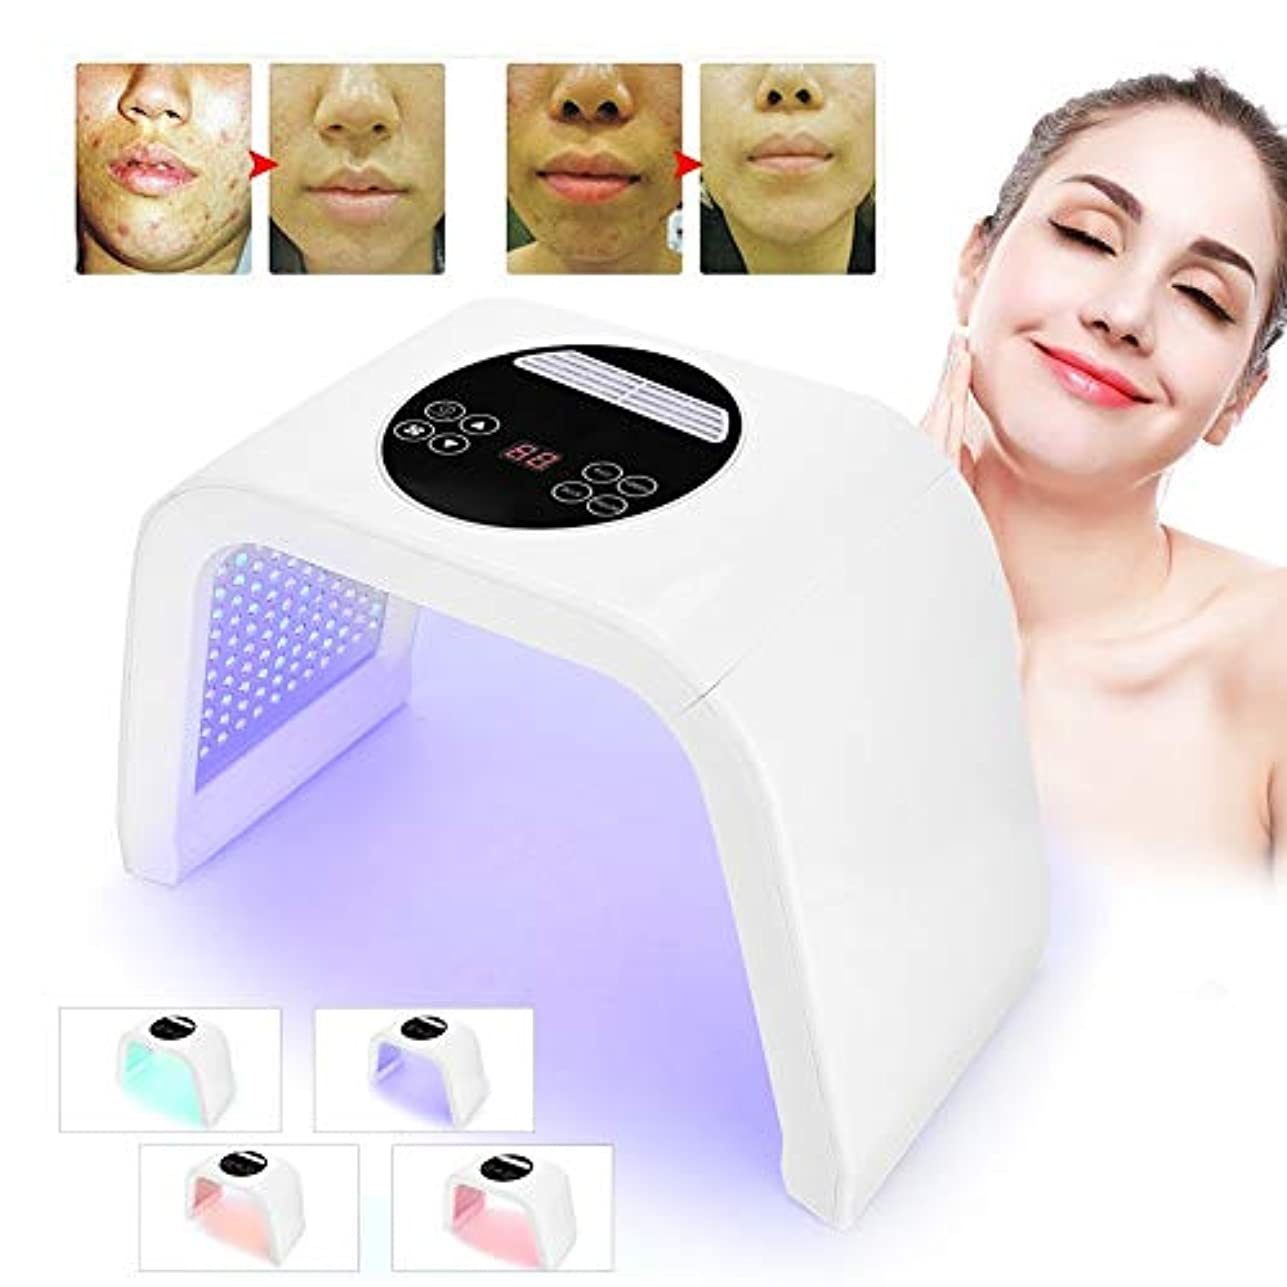 者シンプトンマニフェストスキンケア装置の美の光線力学的なランプ、4色は保護療法のマスクが付いている軽い療法の顔のスキンケア機械、アクネの減少/皮の若返りのためのPDTの技術を導きました(100-240V)